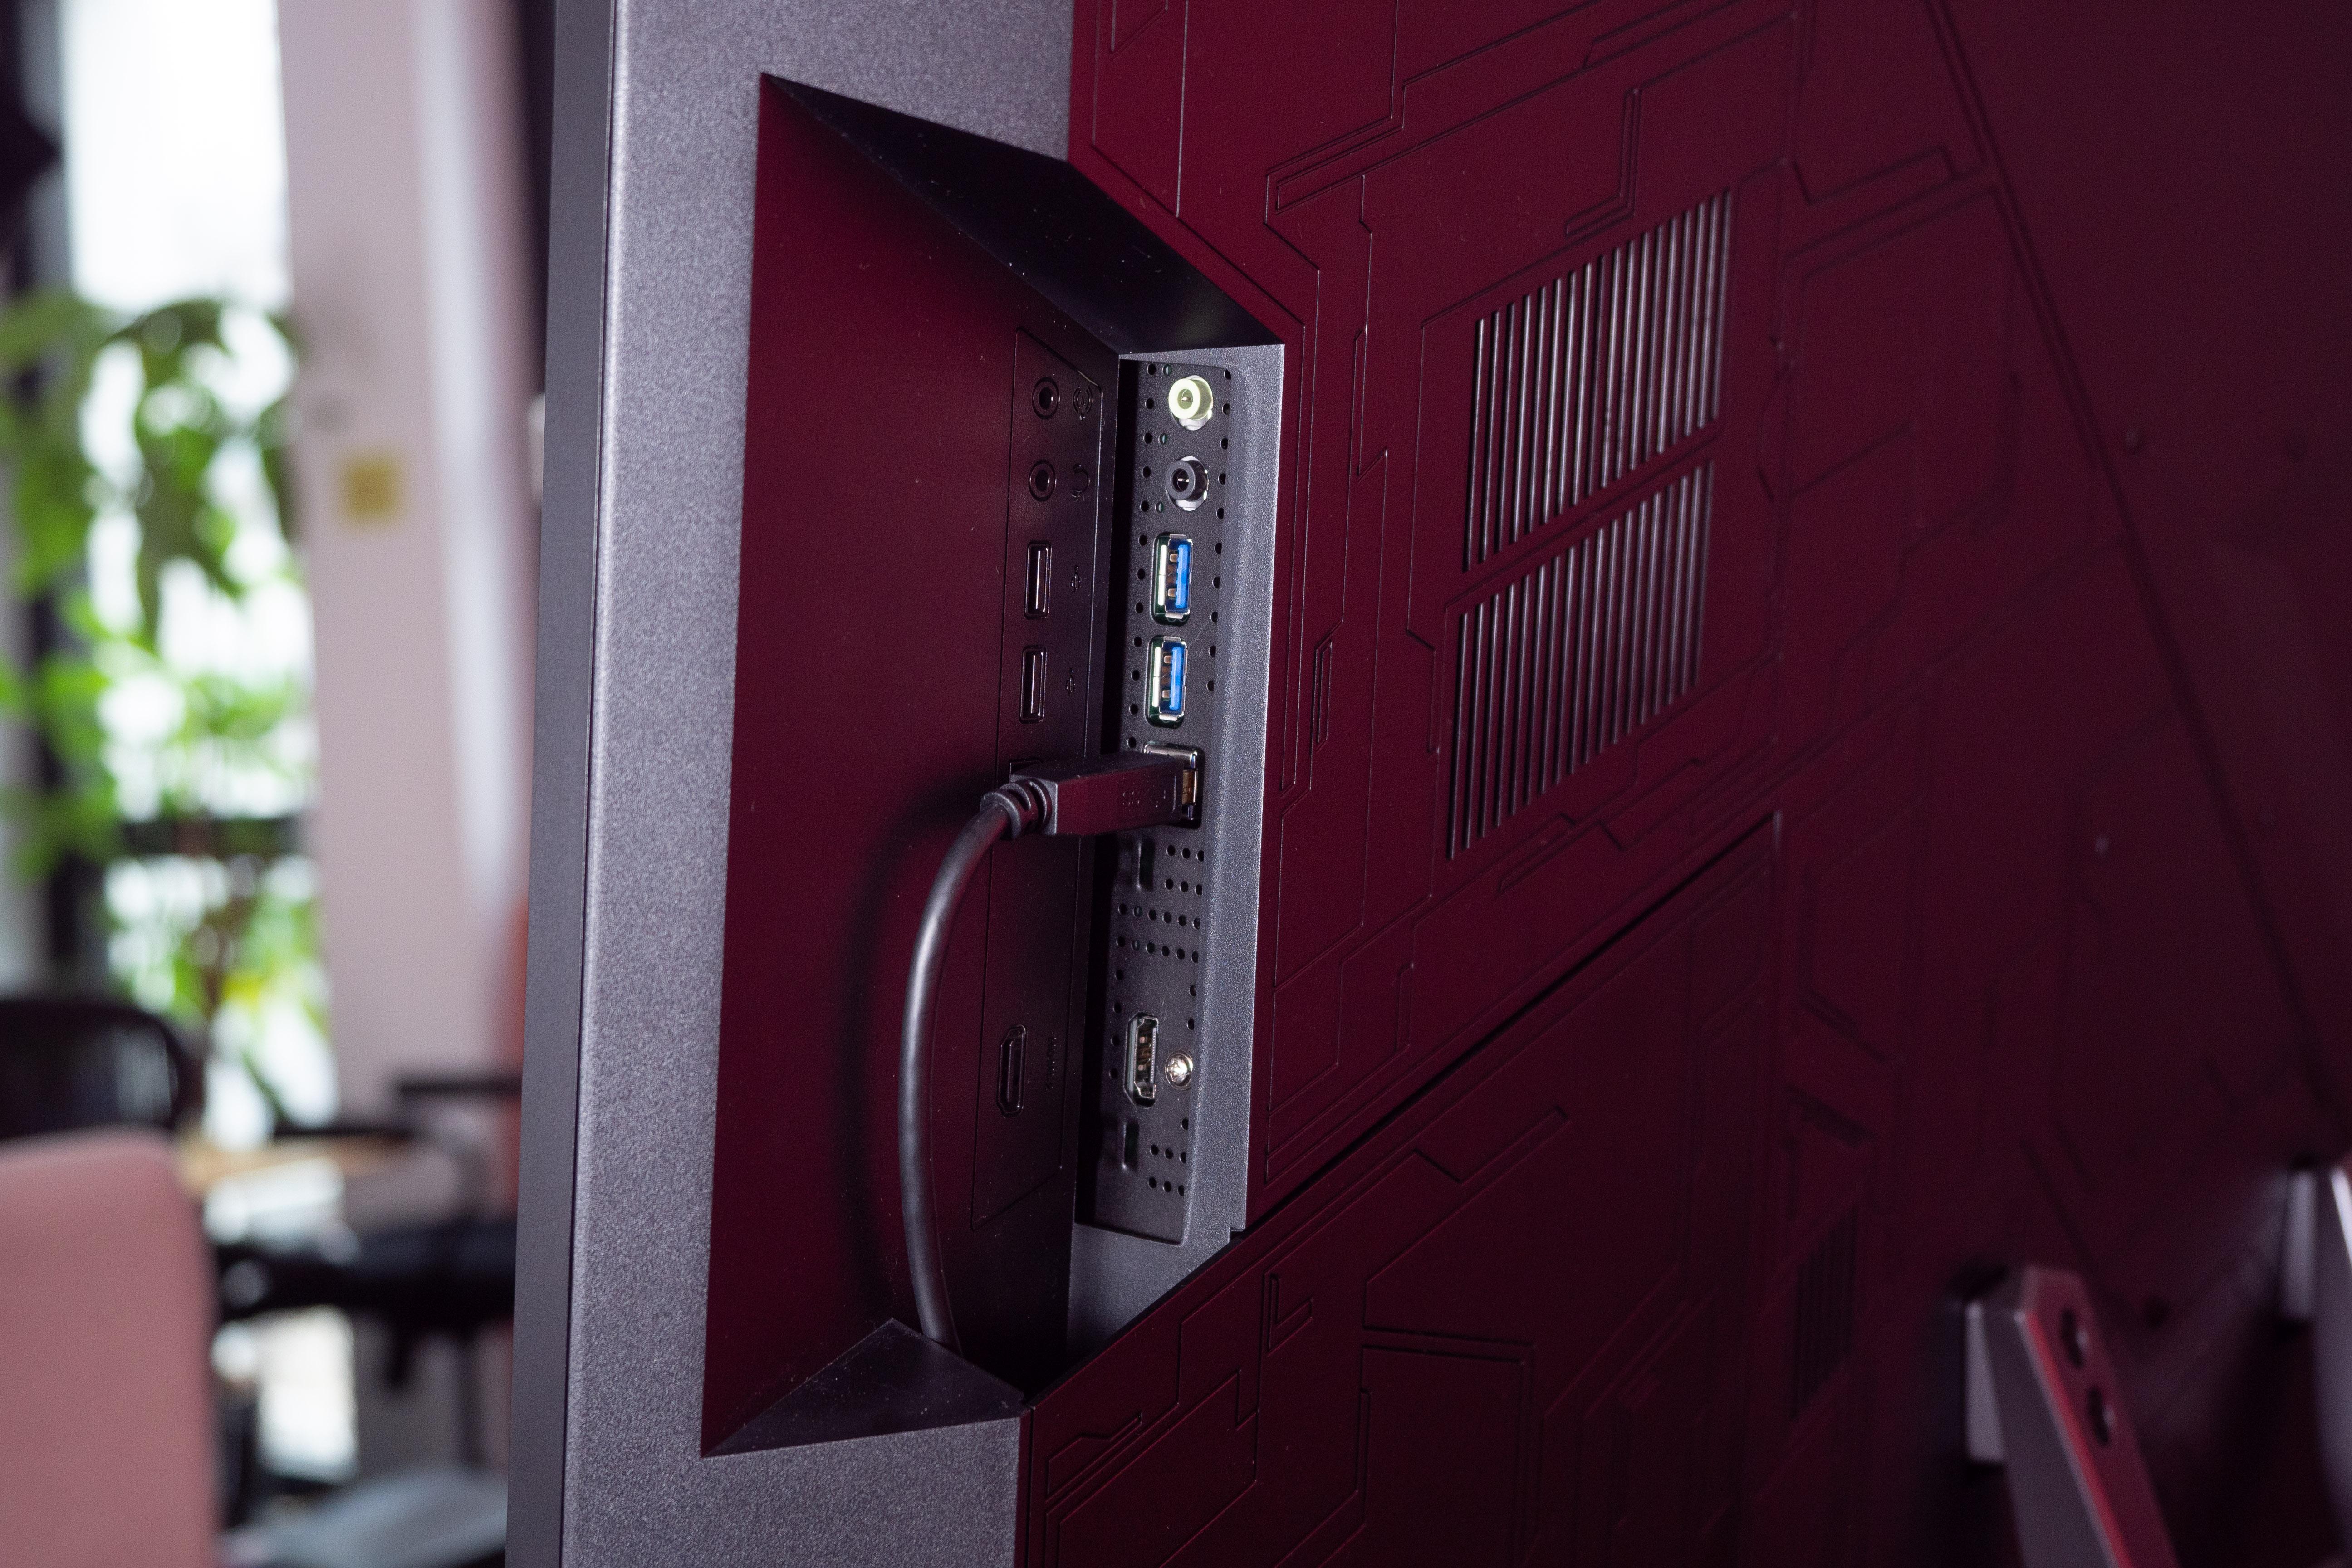 Asus PG43UQ im Test: Haben Sie es auch eine Nummer größer? - An der rechten Seite: USB-Hub und HDMI-Port (Bild: Martin Wolf/Golem.de)